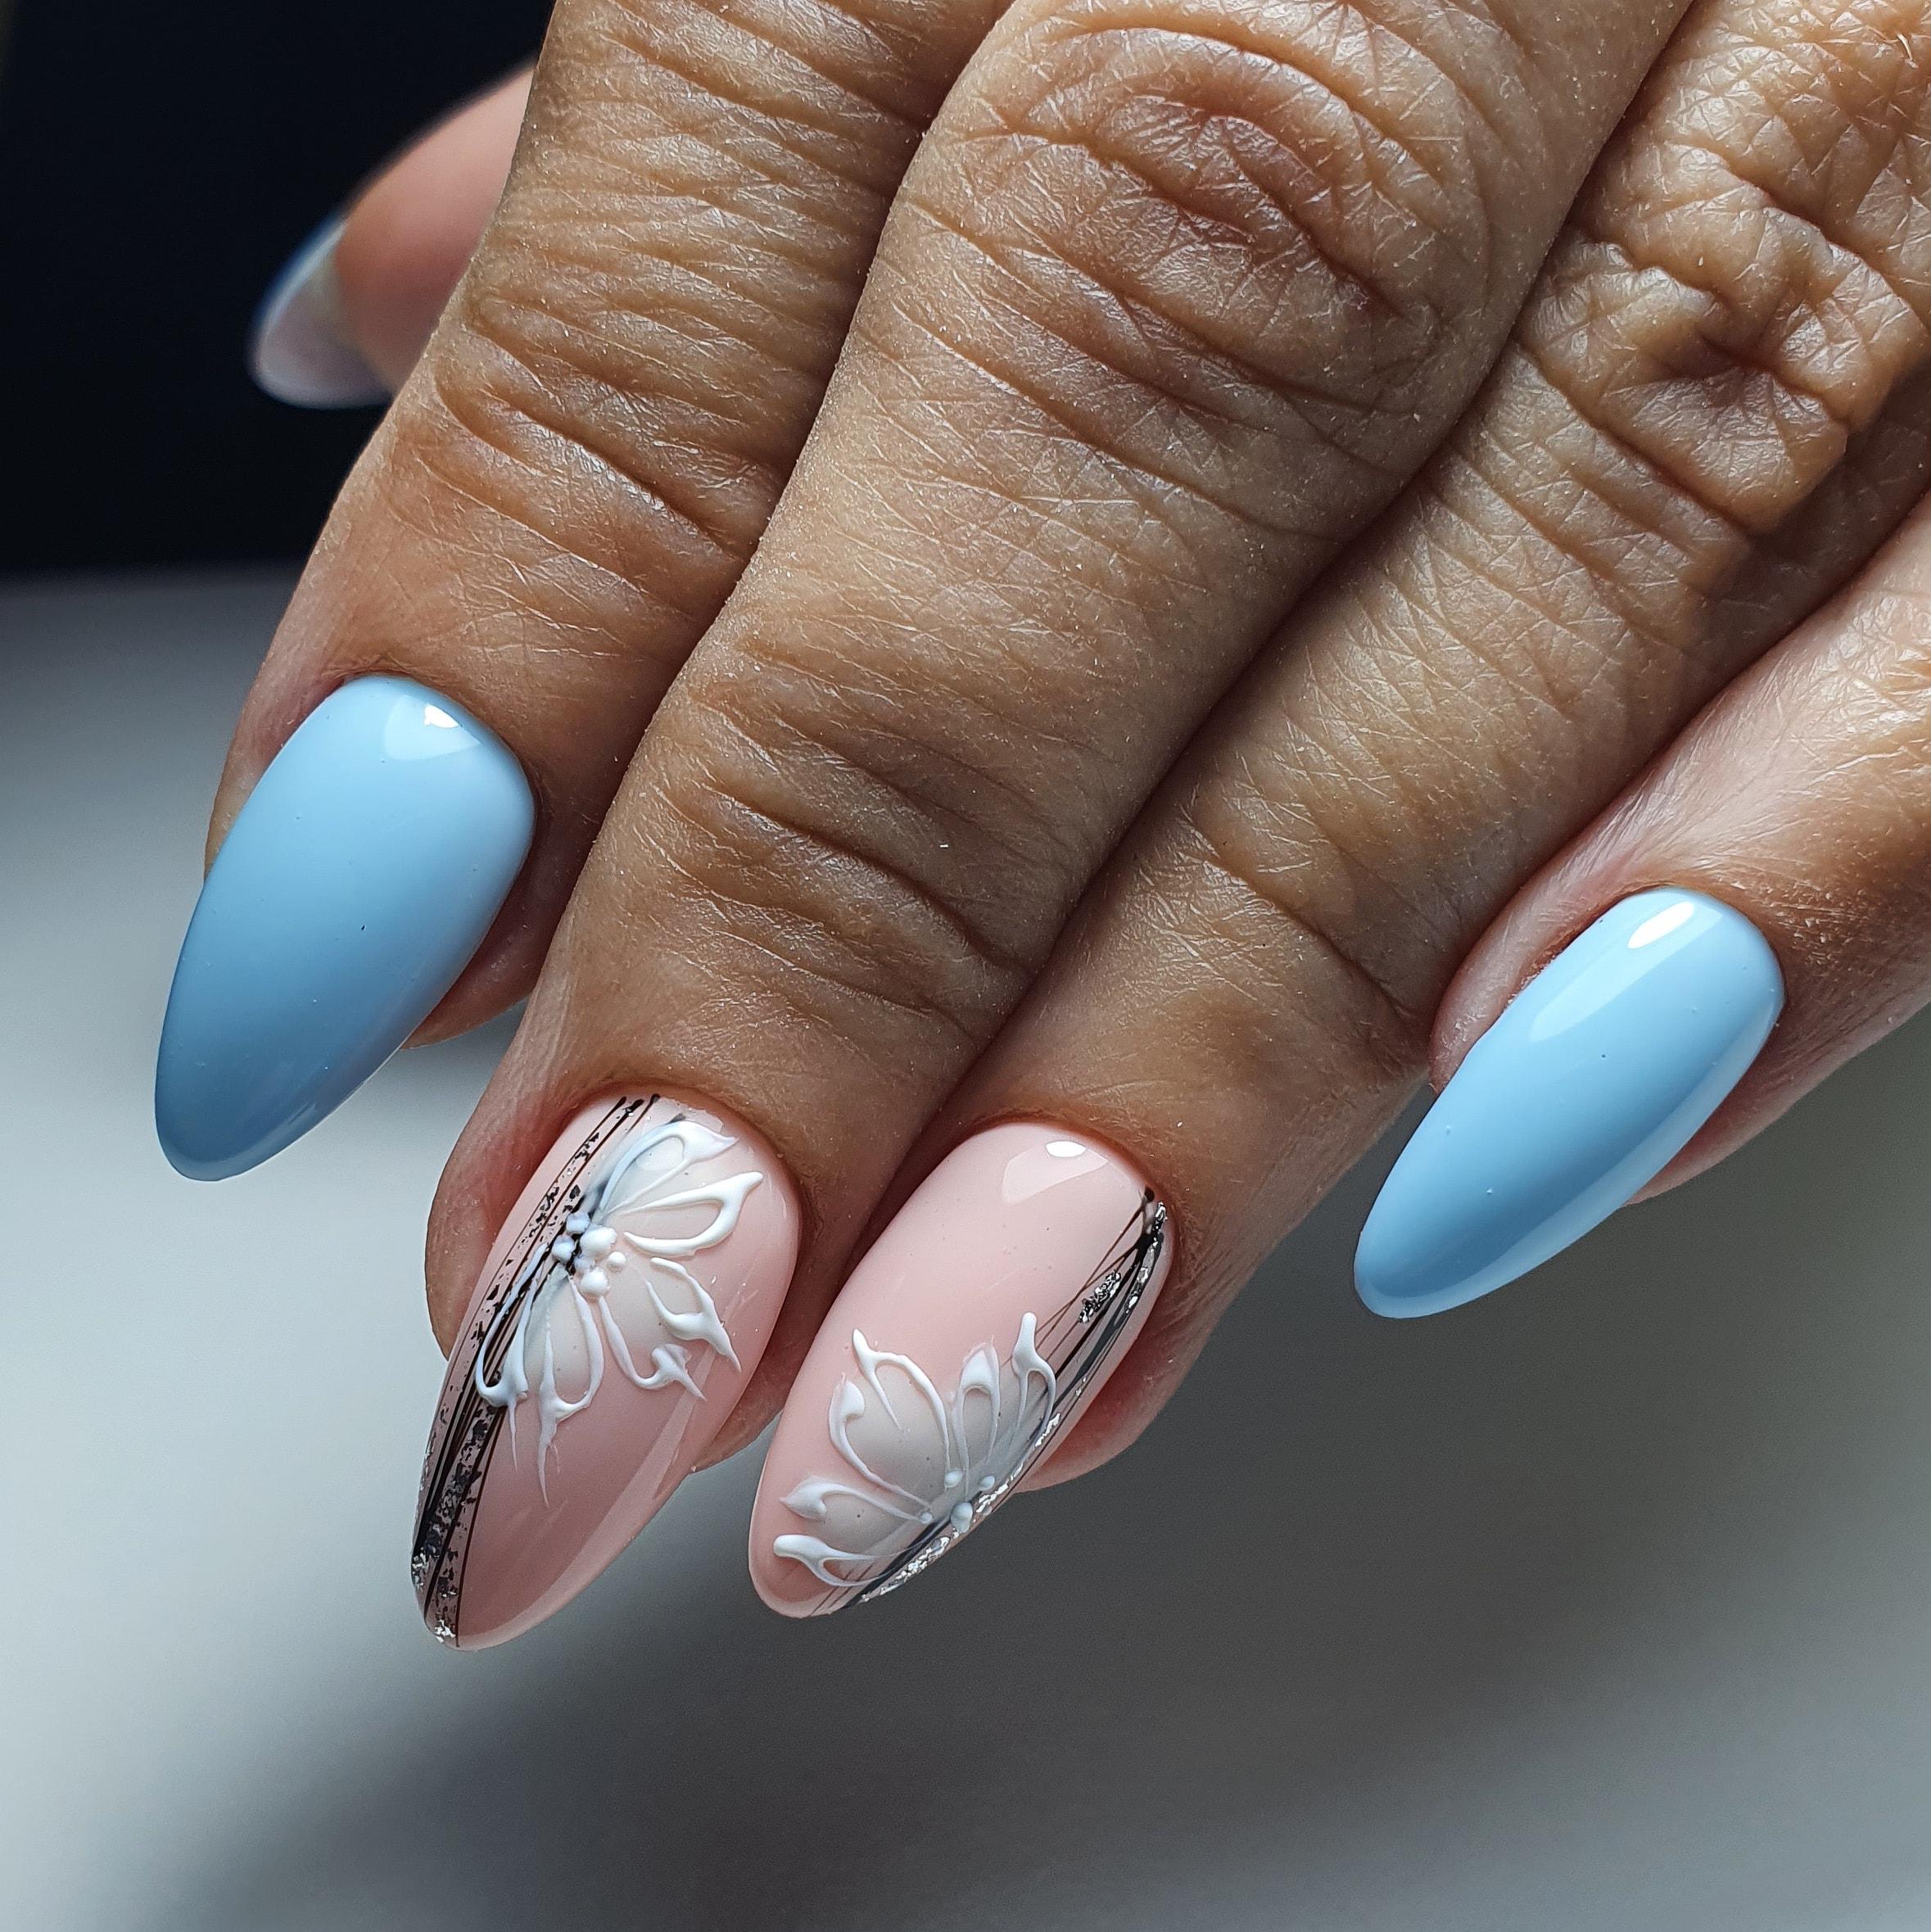 Маникюр с цветочным рисунком и паутинкой в голубом цвете на длинные ногти.